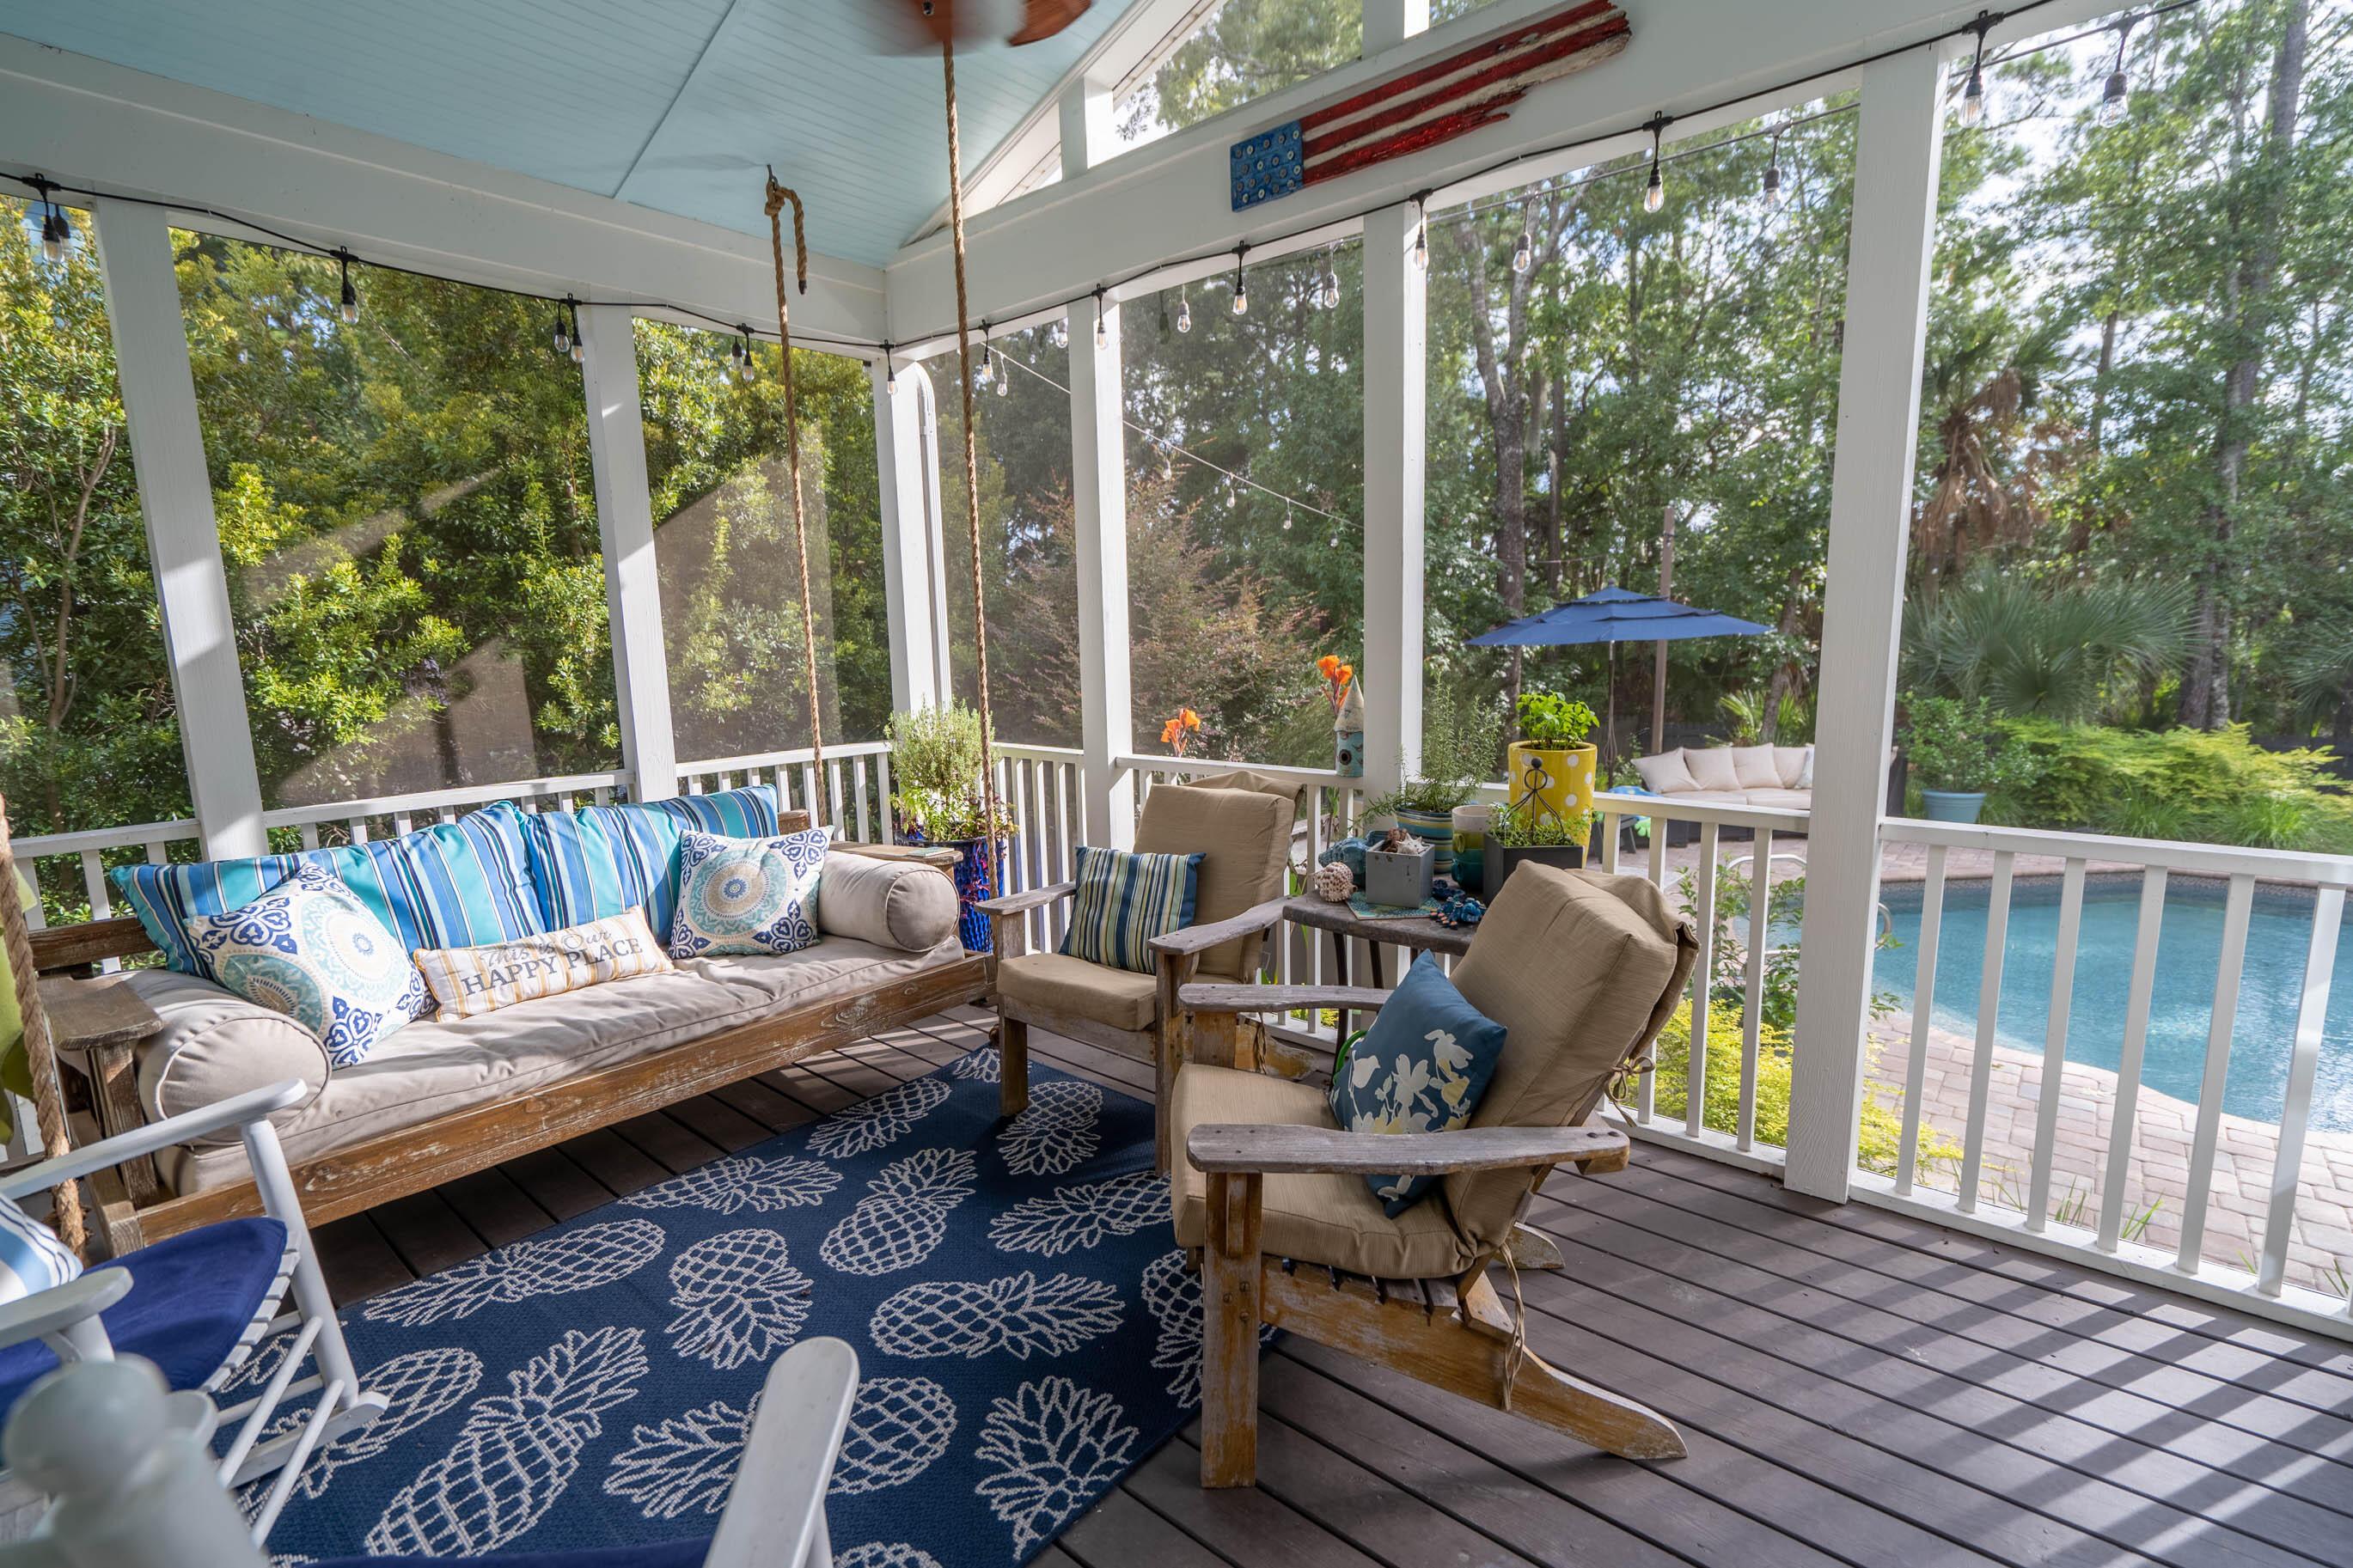 Dunes West Homes For Sale - 2997 Sturbridge, Mount Pleasant, SC - 26